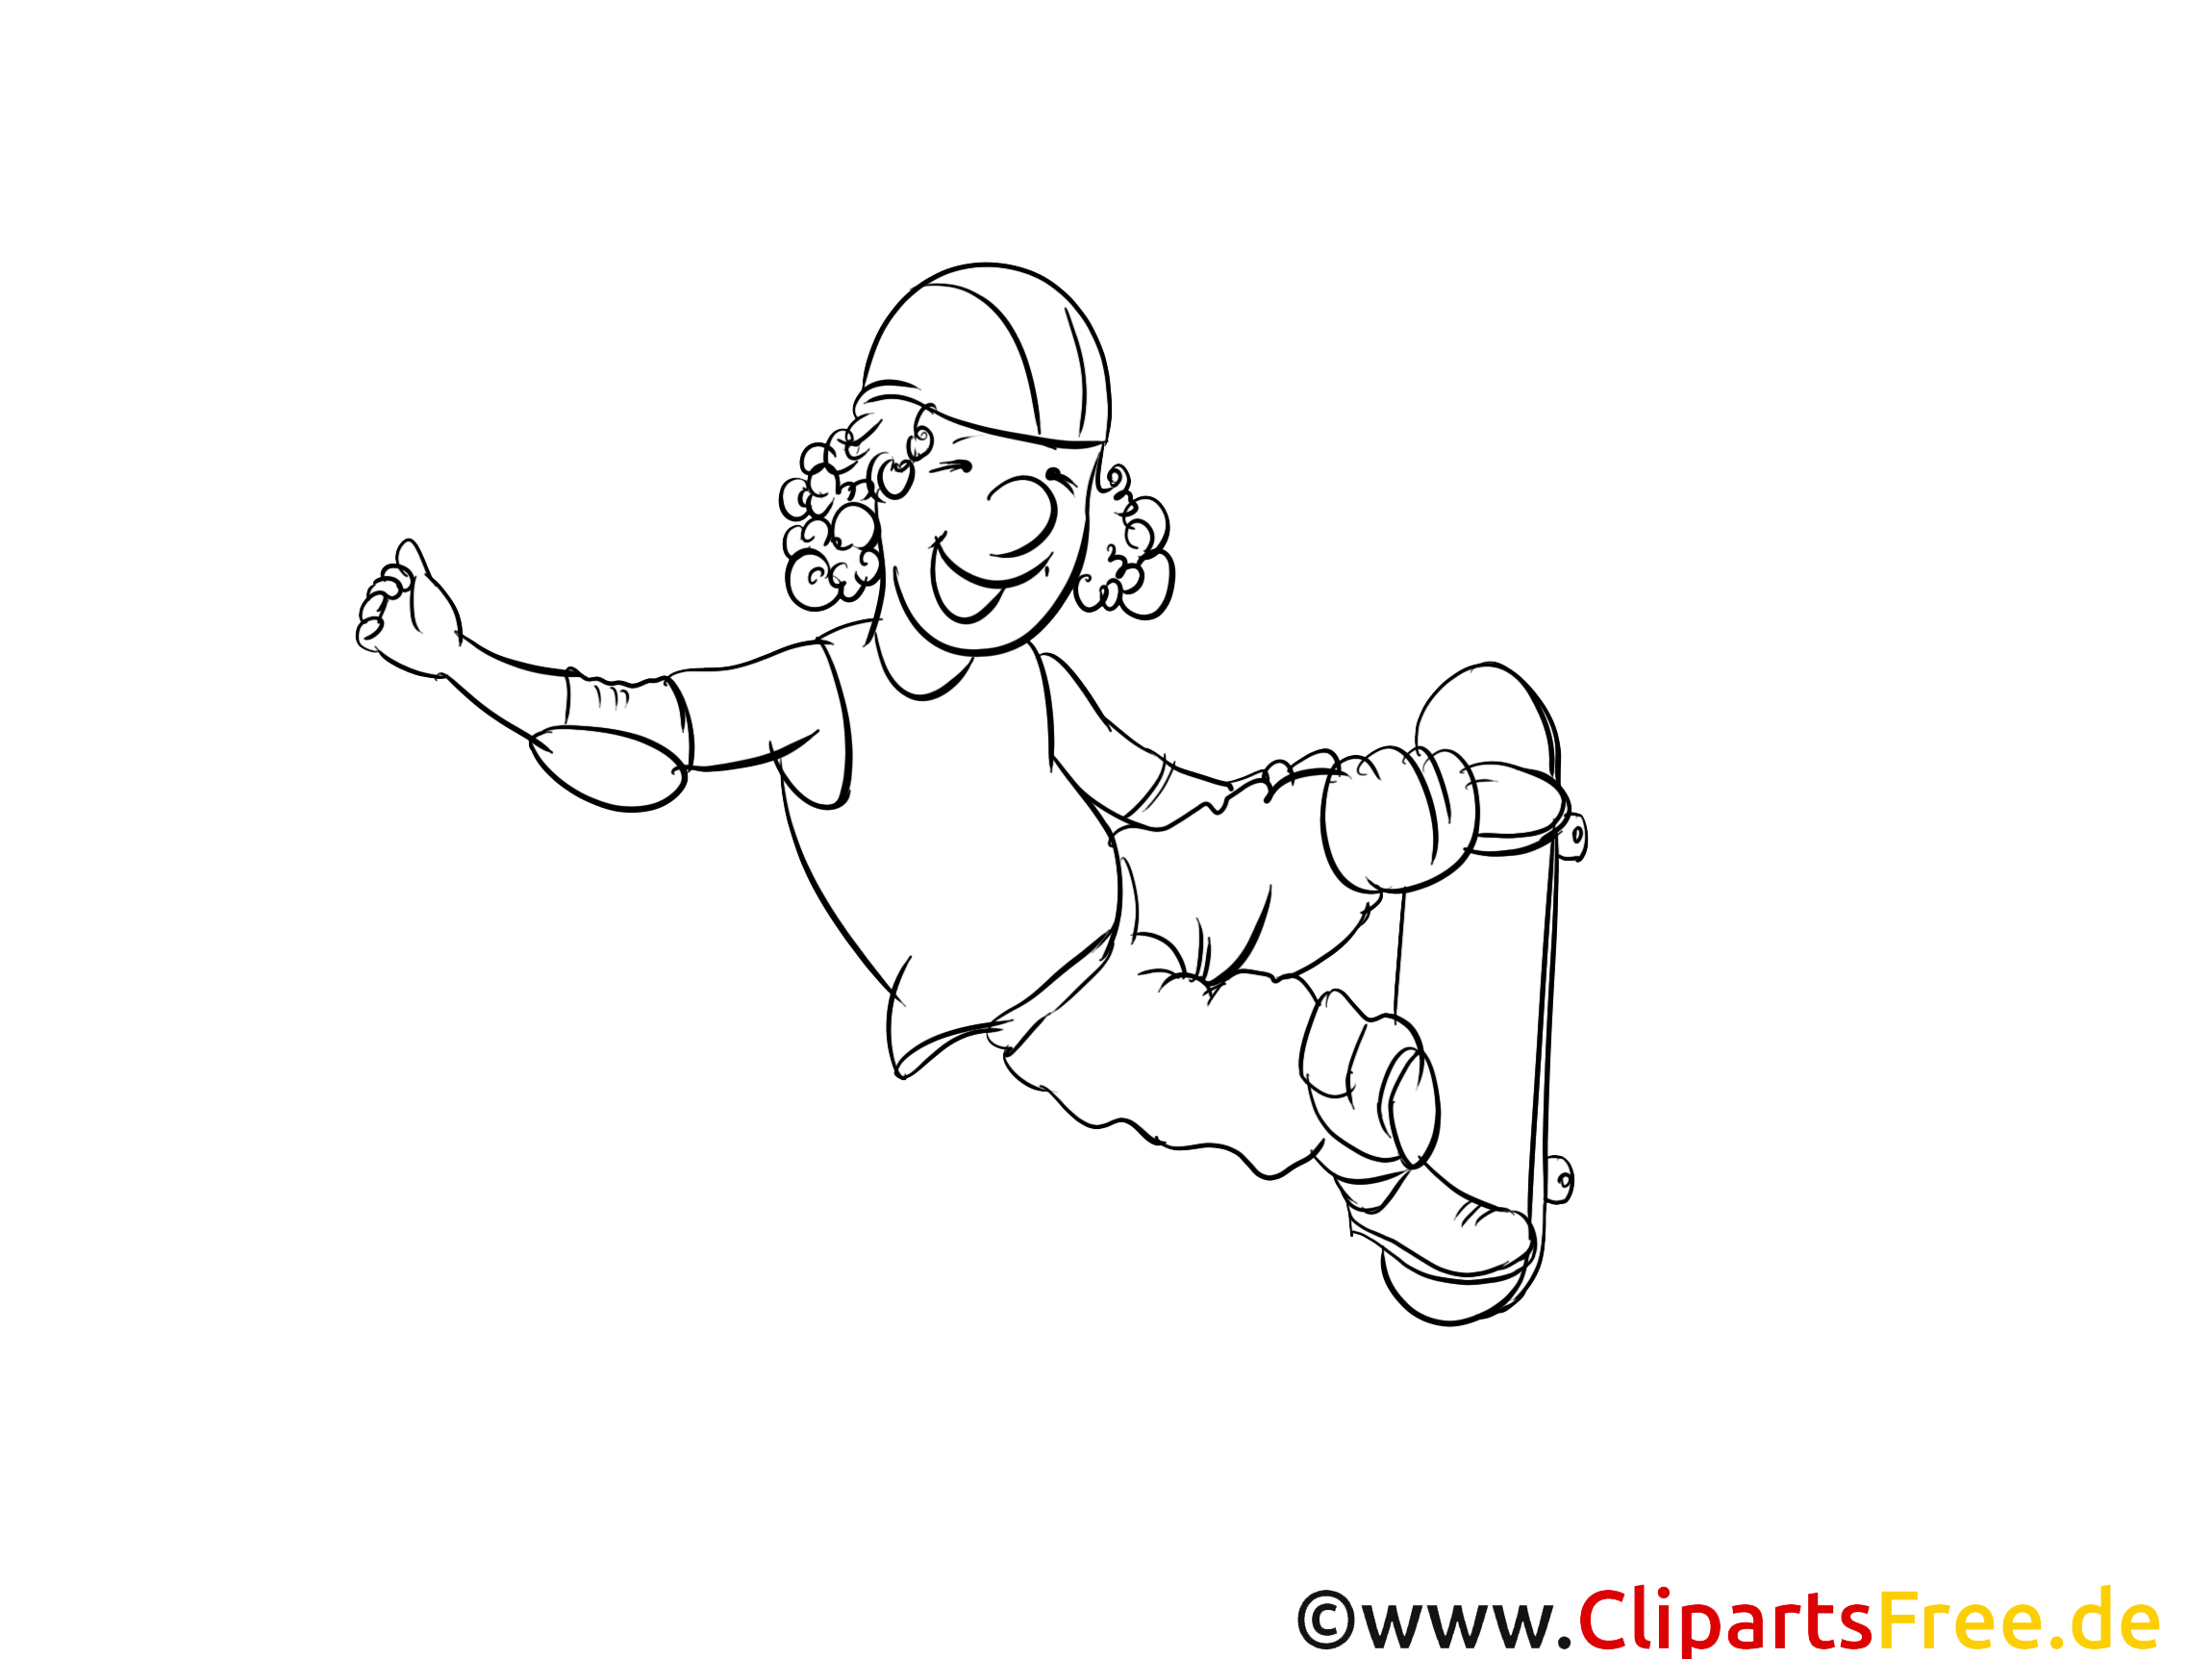 Skateboard dessin – Coloriage sport à télécharger